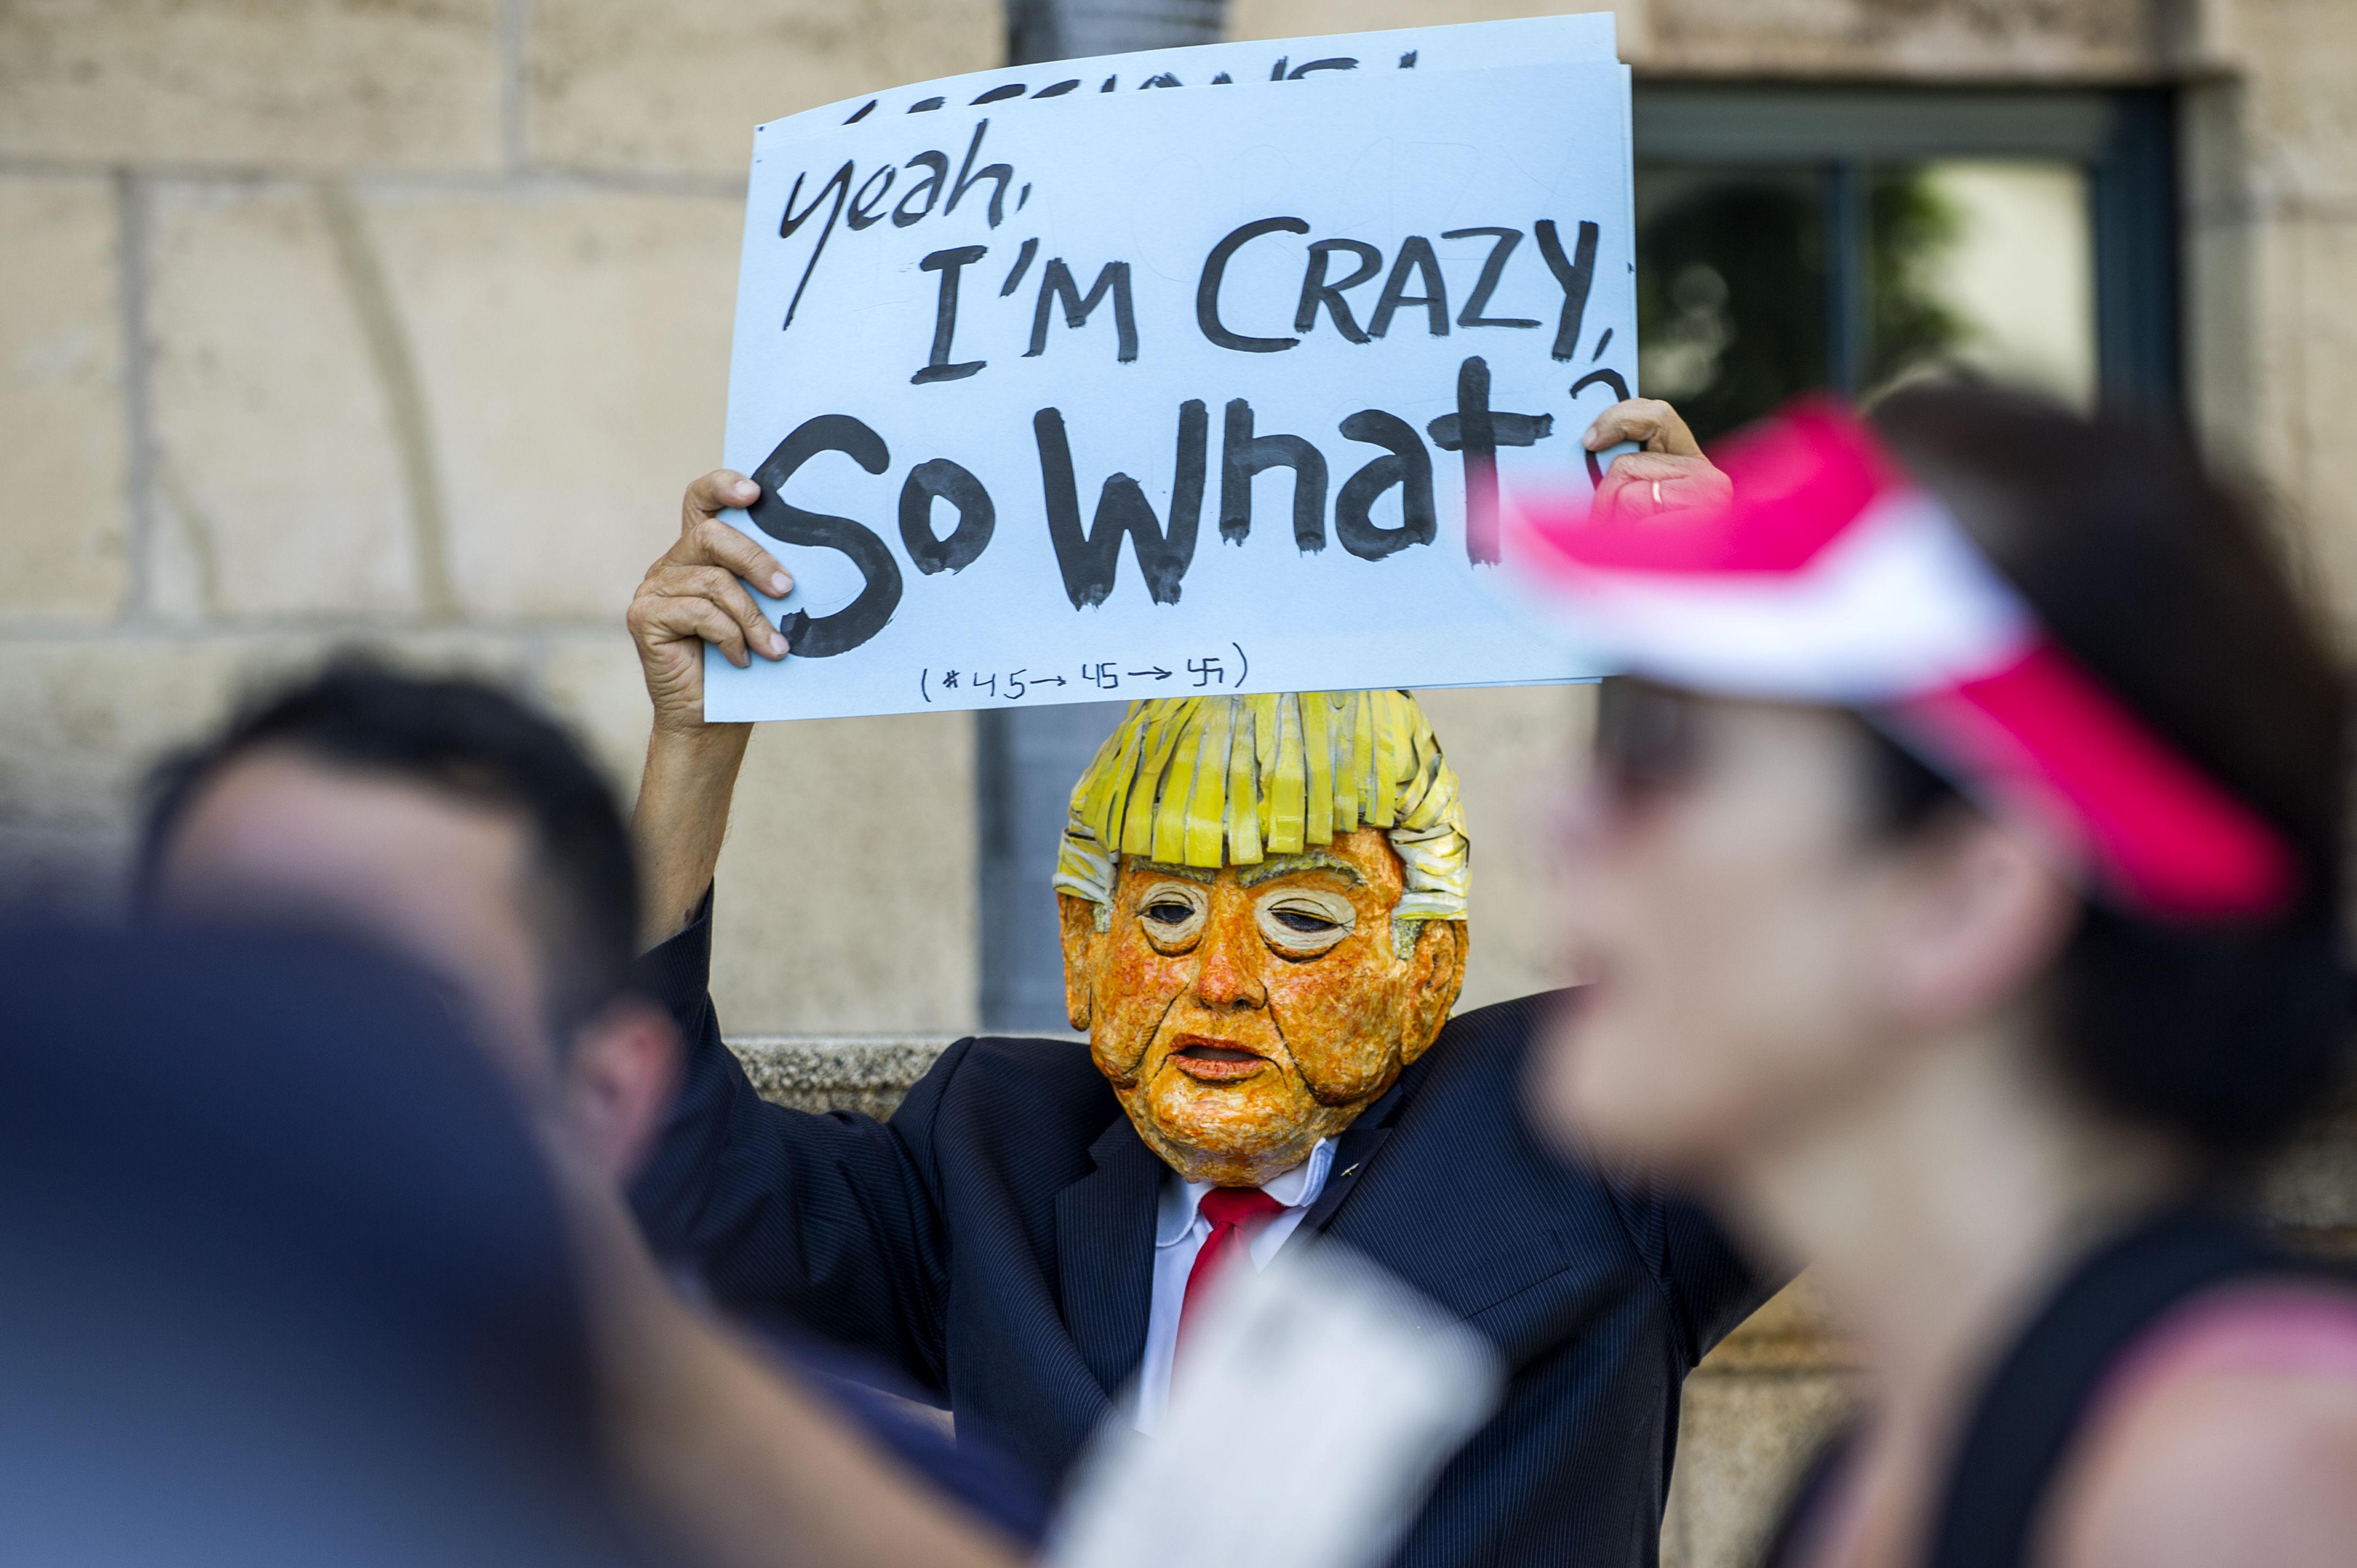 Manifestants protesten contra les polítiques migratòries del govern de Donald Trump, durant la visita del fiscal general, Jeff Sessions, a la ciutat de Miami, Florida (EUA). /GIORGIO VIERA